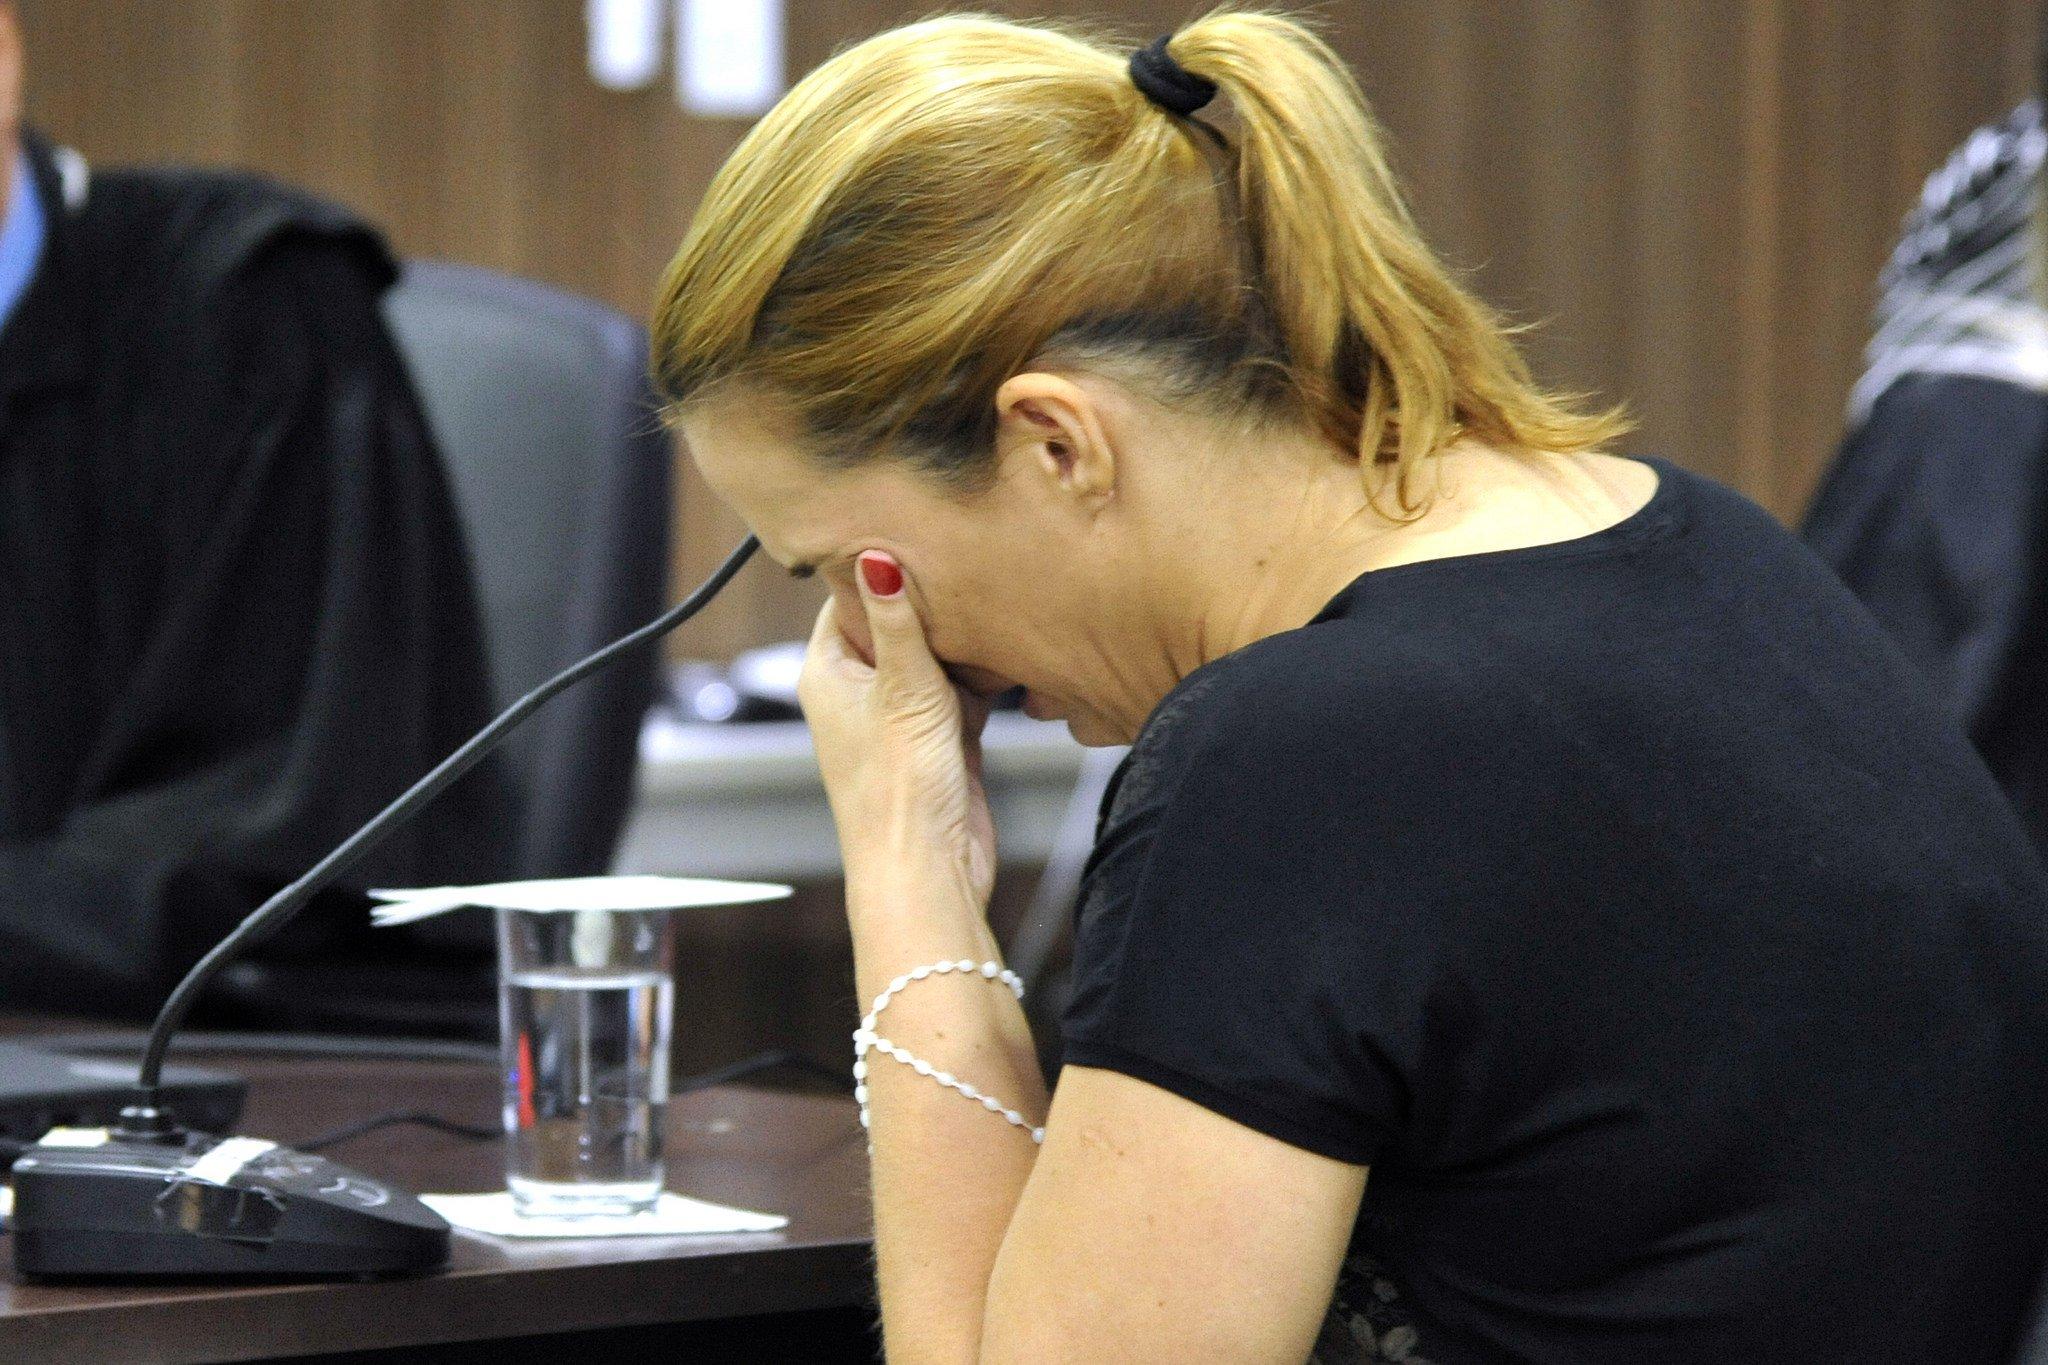 Professora de matemática confessou ter matado a filha recém-nascida |Foto: Divulgação